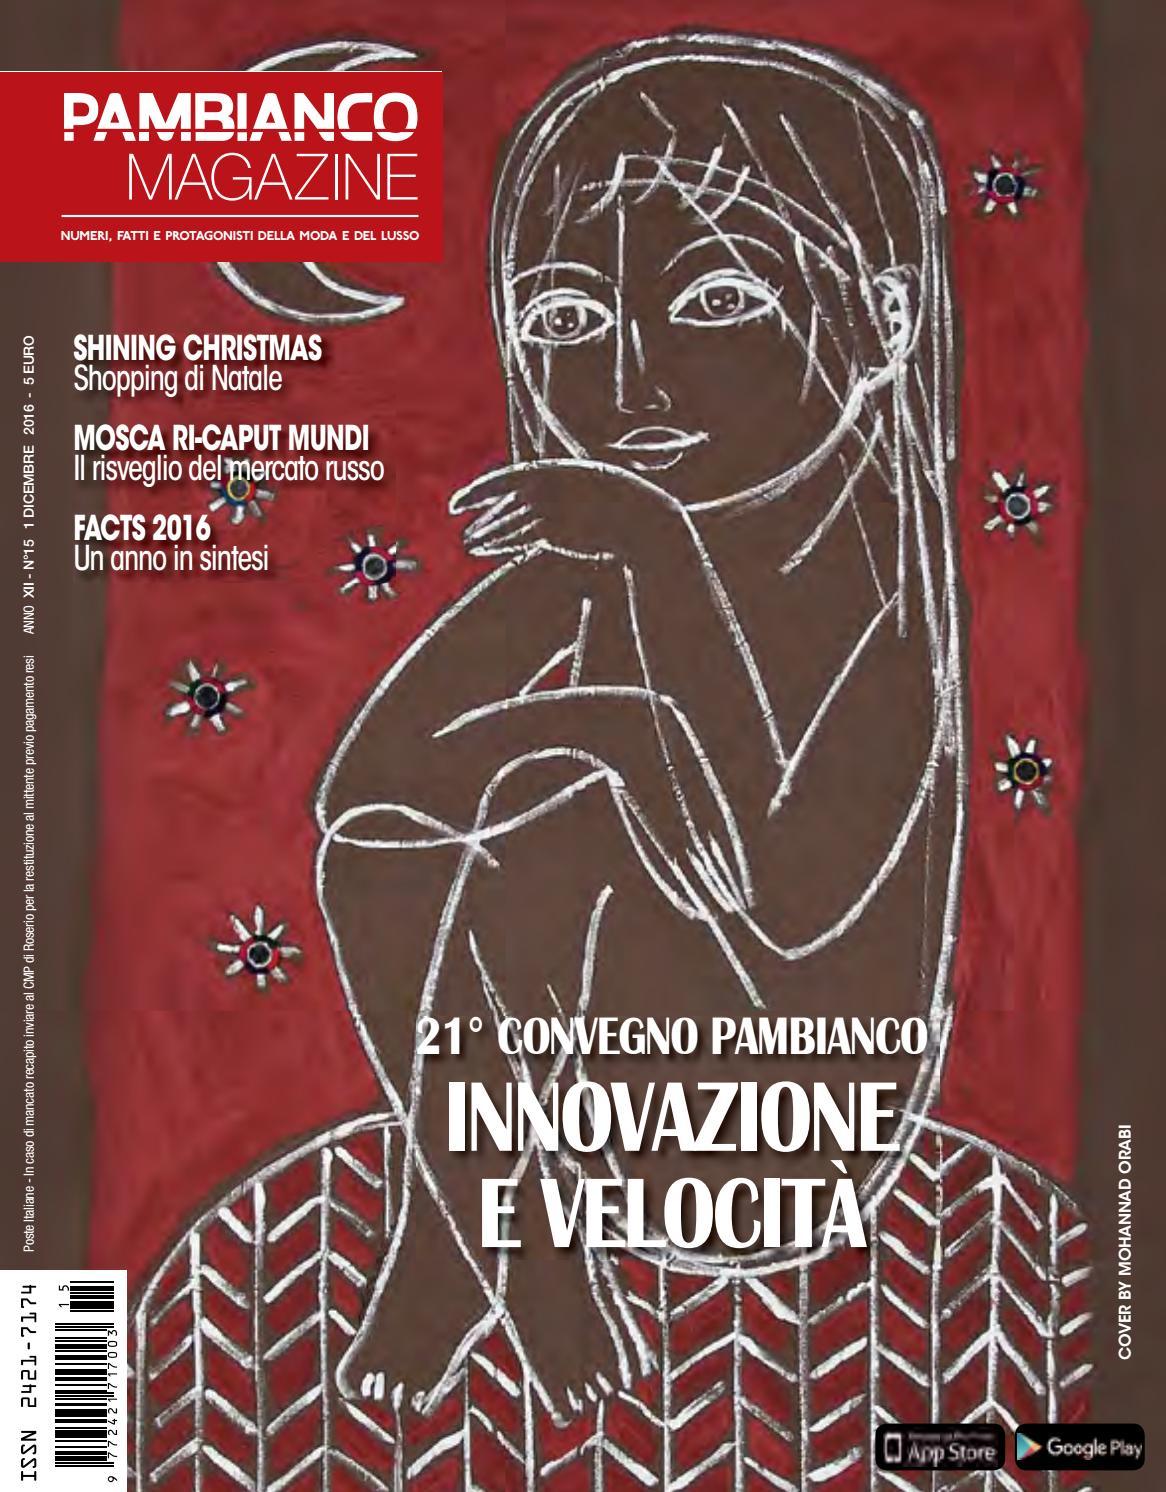 bc5b29fecf Pambianco magazine 15 XII by Pambianconews - issuu